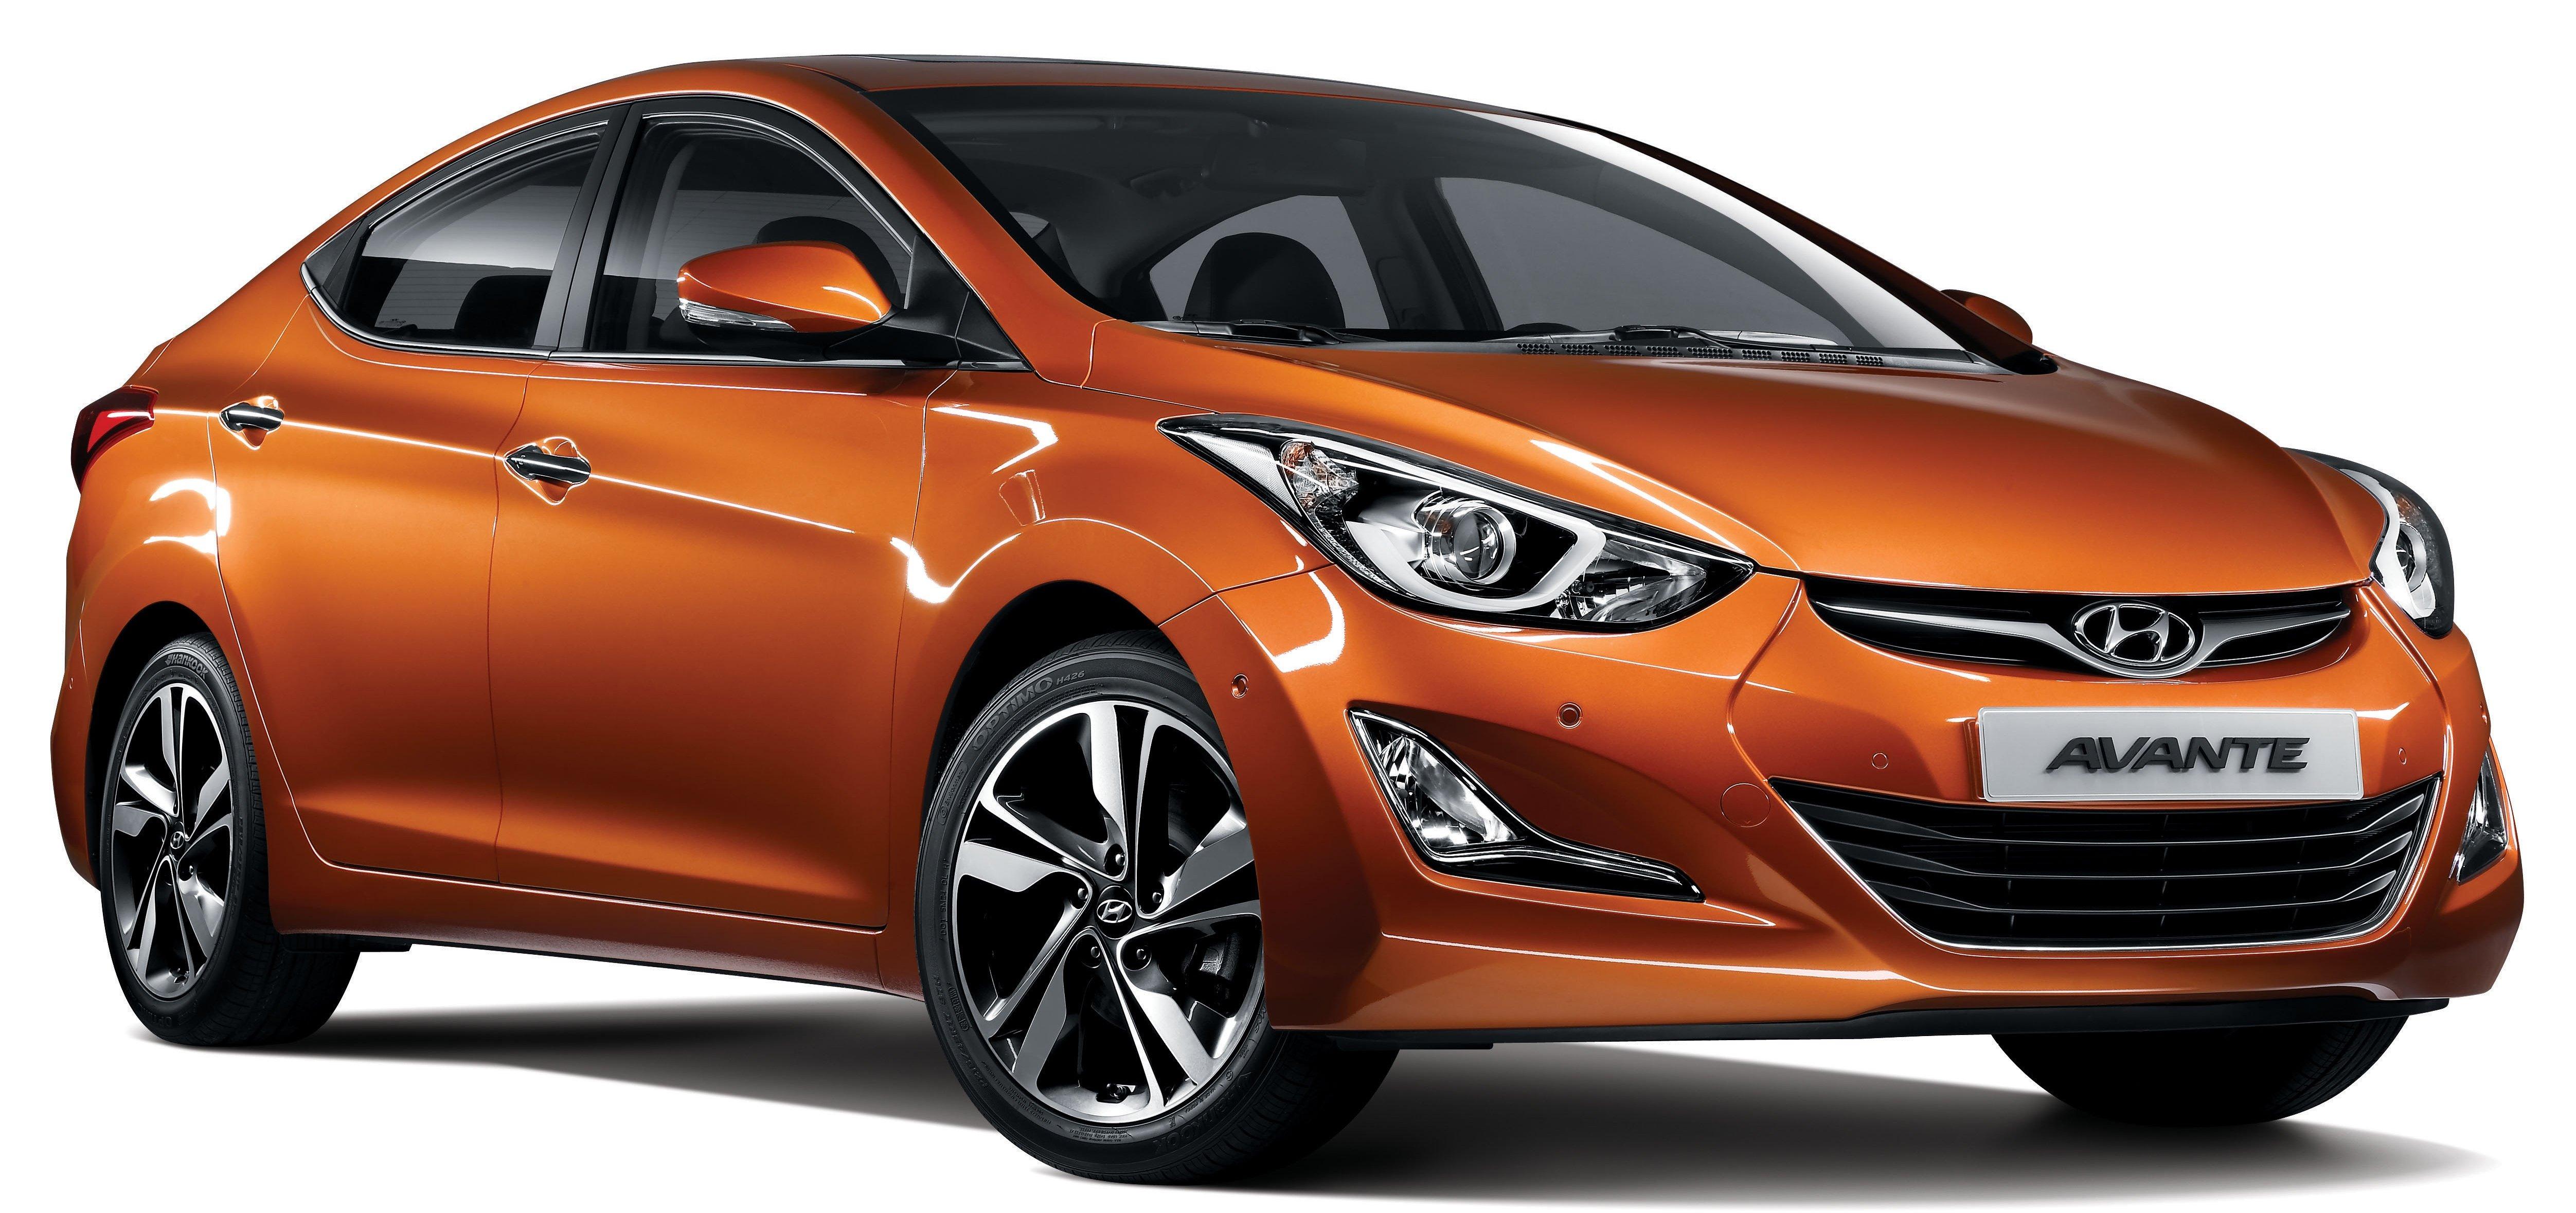 2014 Hyundai Elantra Gt Facelift Autos Post